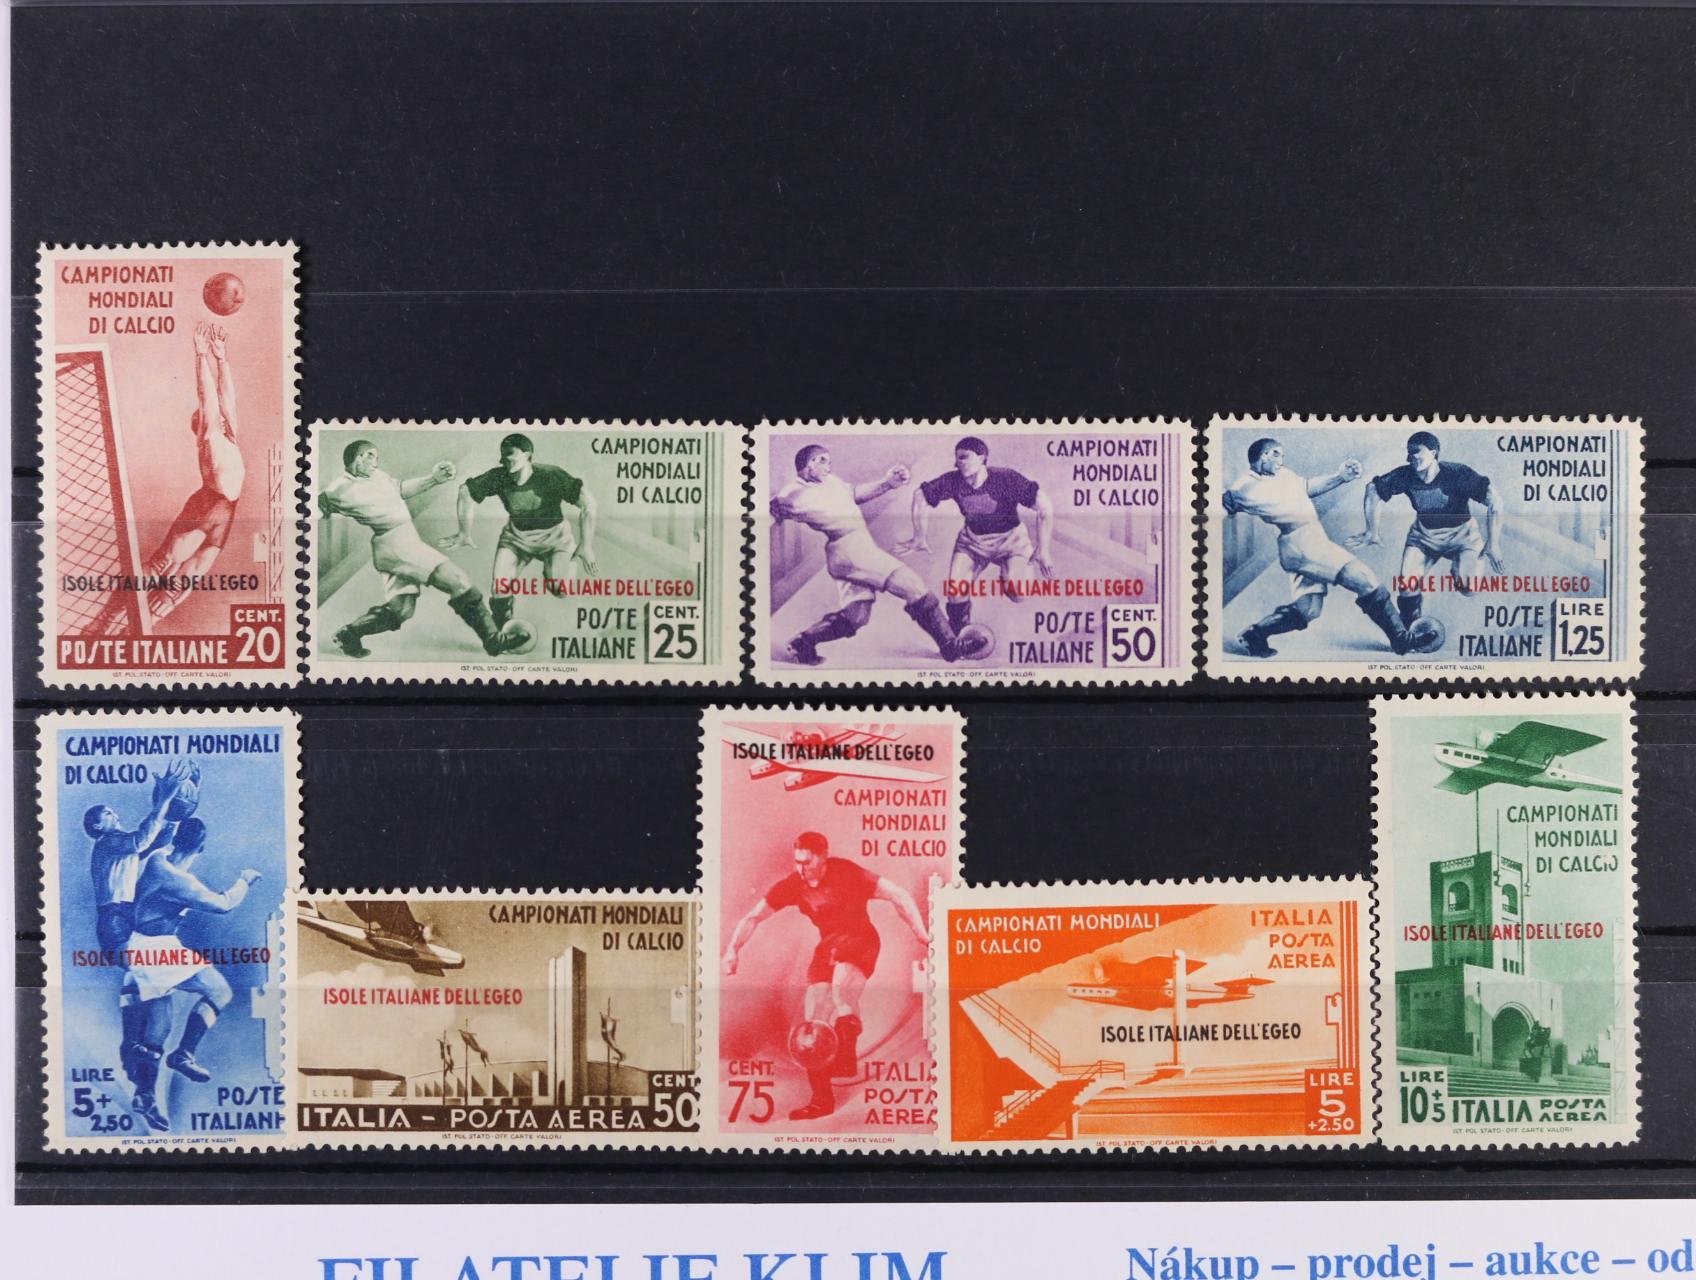 Isole .... Egeo - zn. Mi. č. 137 - 145, velmi dobrá kvalita, 1300 EUR